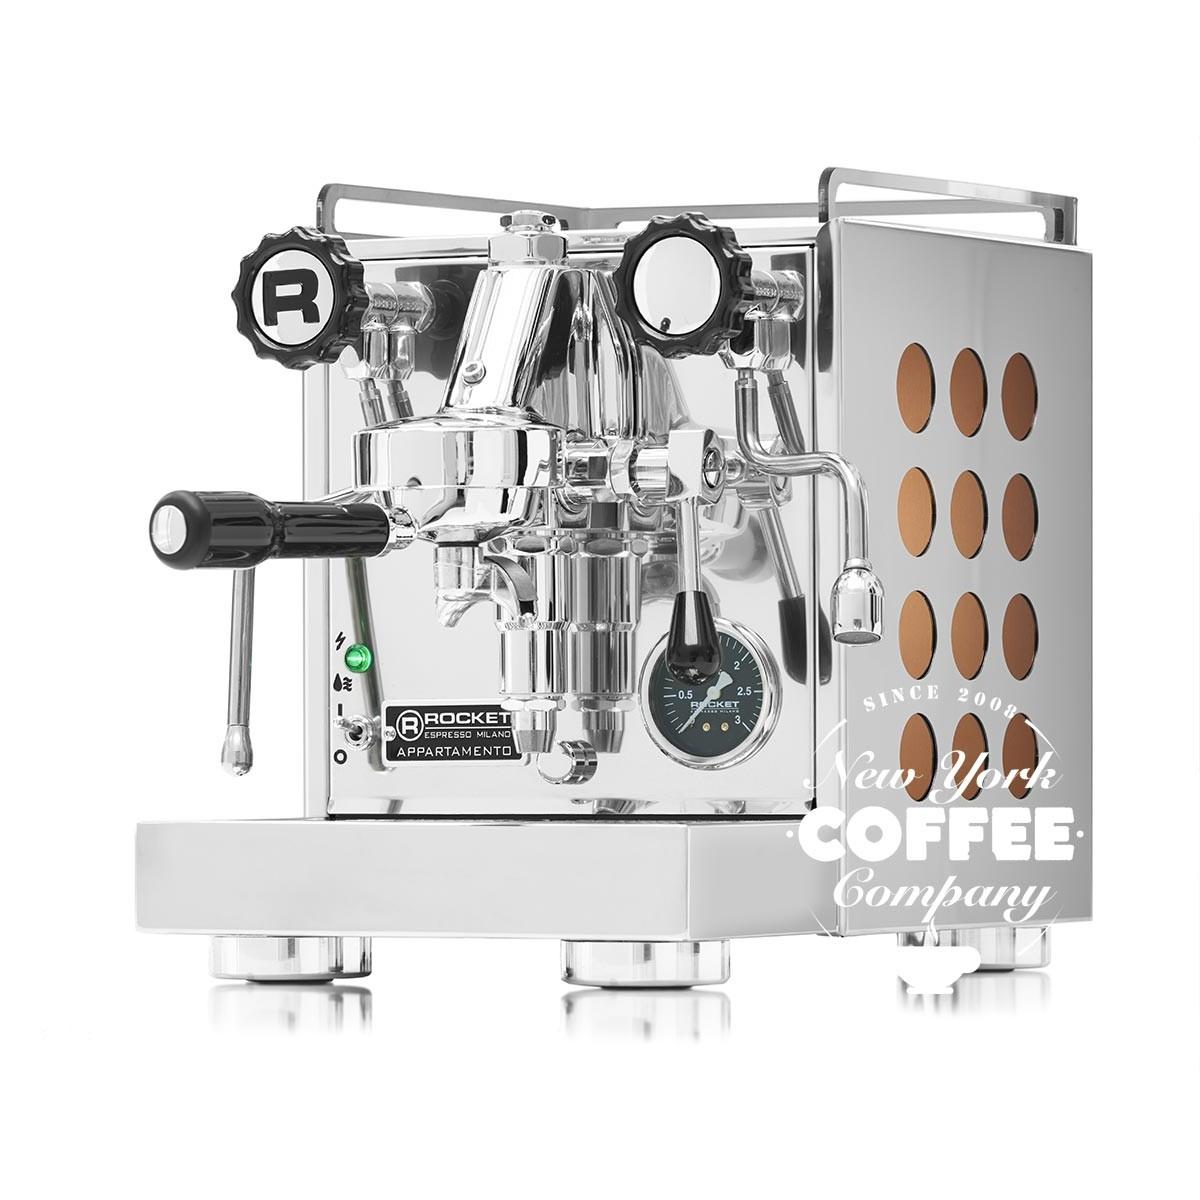 Rocket Apartemente Espressomaschine (6% unter Idealo/ fast 20% unter UVP) - 0€ Versandkosten